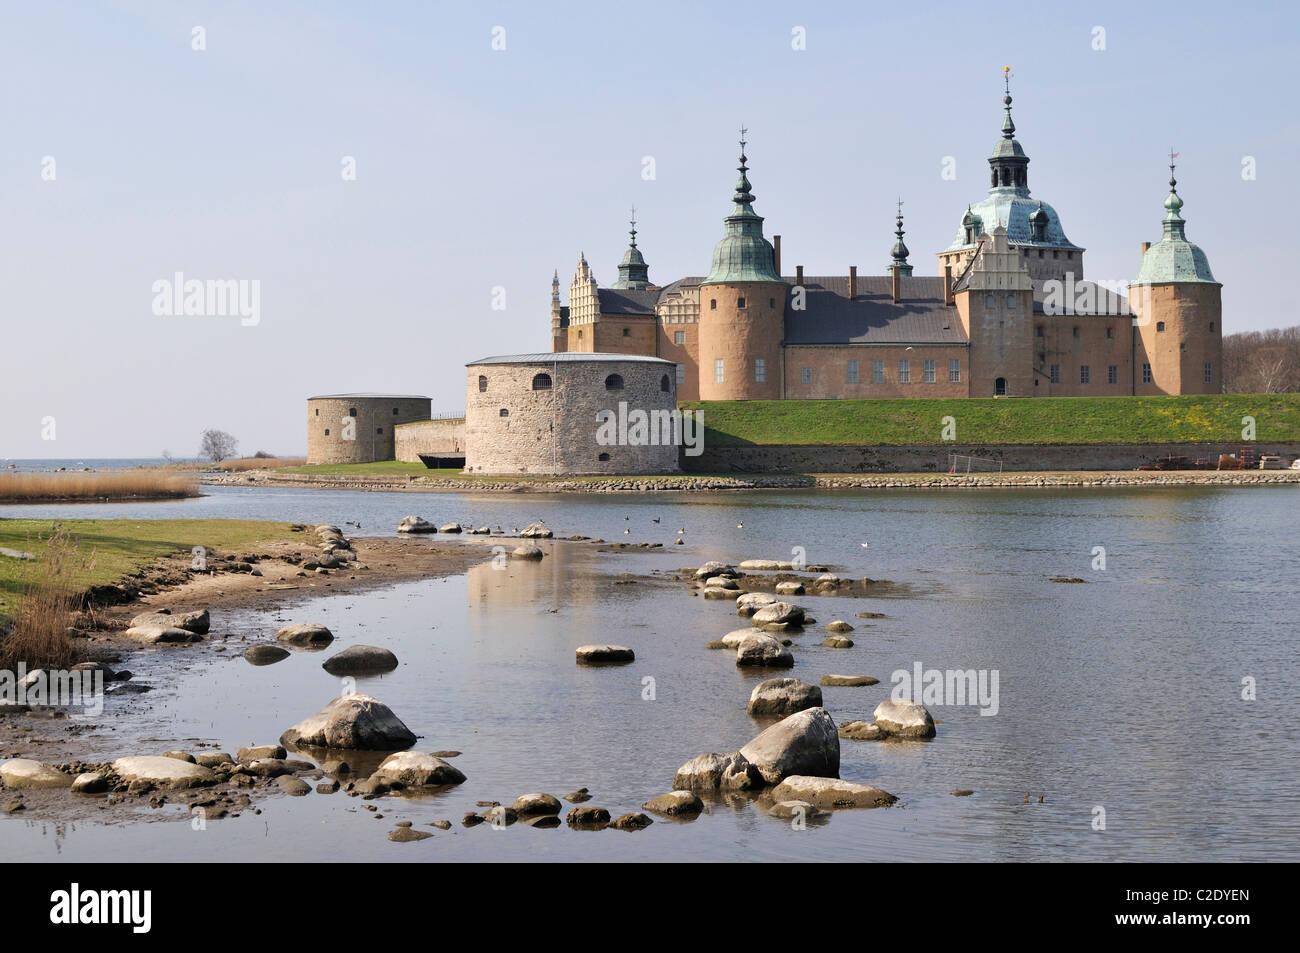 Kalmar Castle in Kalmar, Smaaland, Sweden - Stock Image